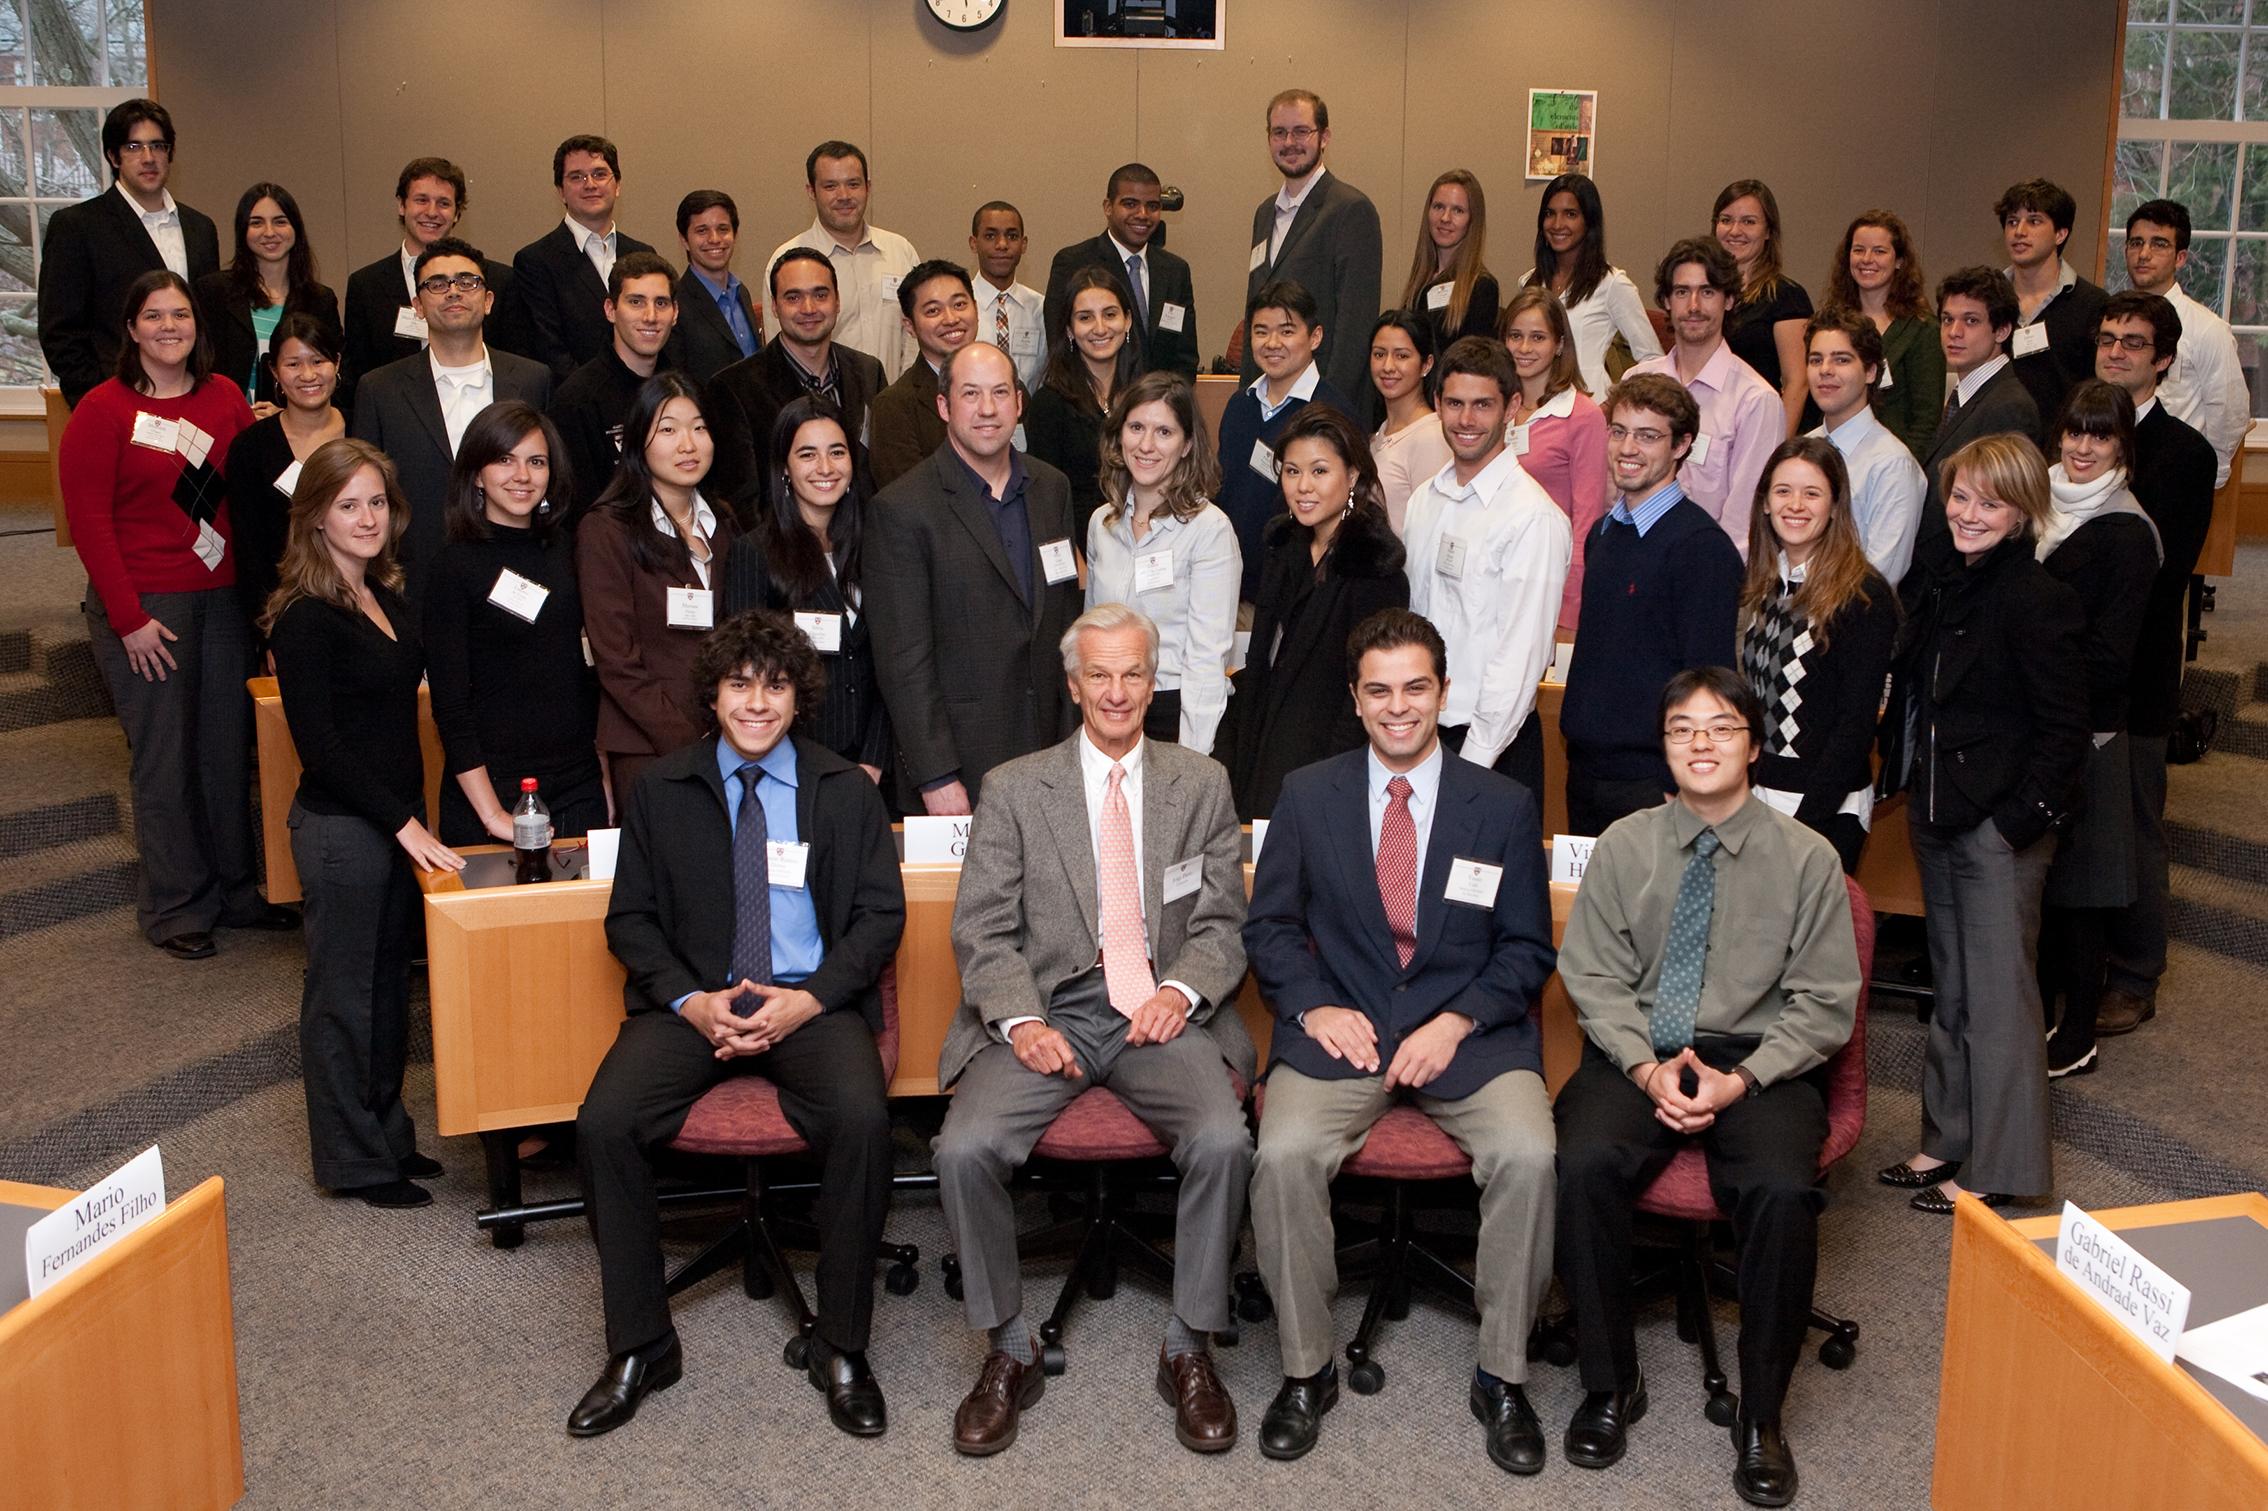 Jorge Paulo Lemann em encontro na Universidade de Harvard com estudantes beneficiados por bolsas de estudo / Imagem por Susan Young Acervo da Universidade de Harvard/Fundação Lemann